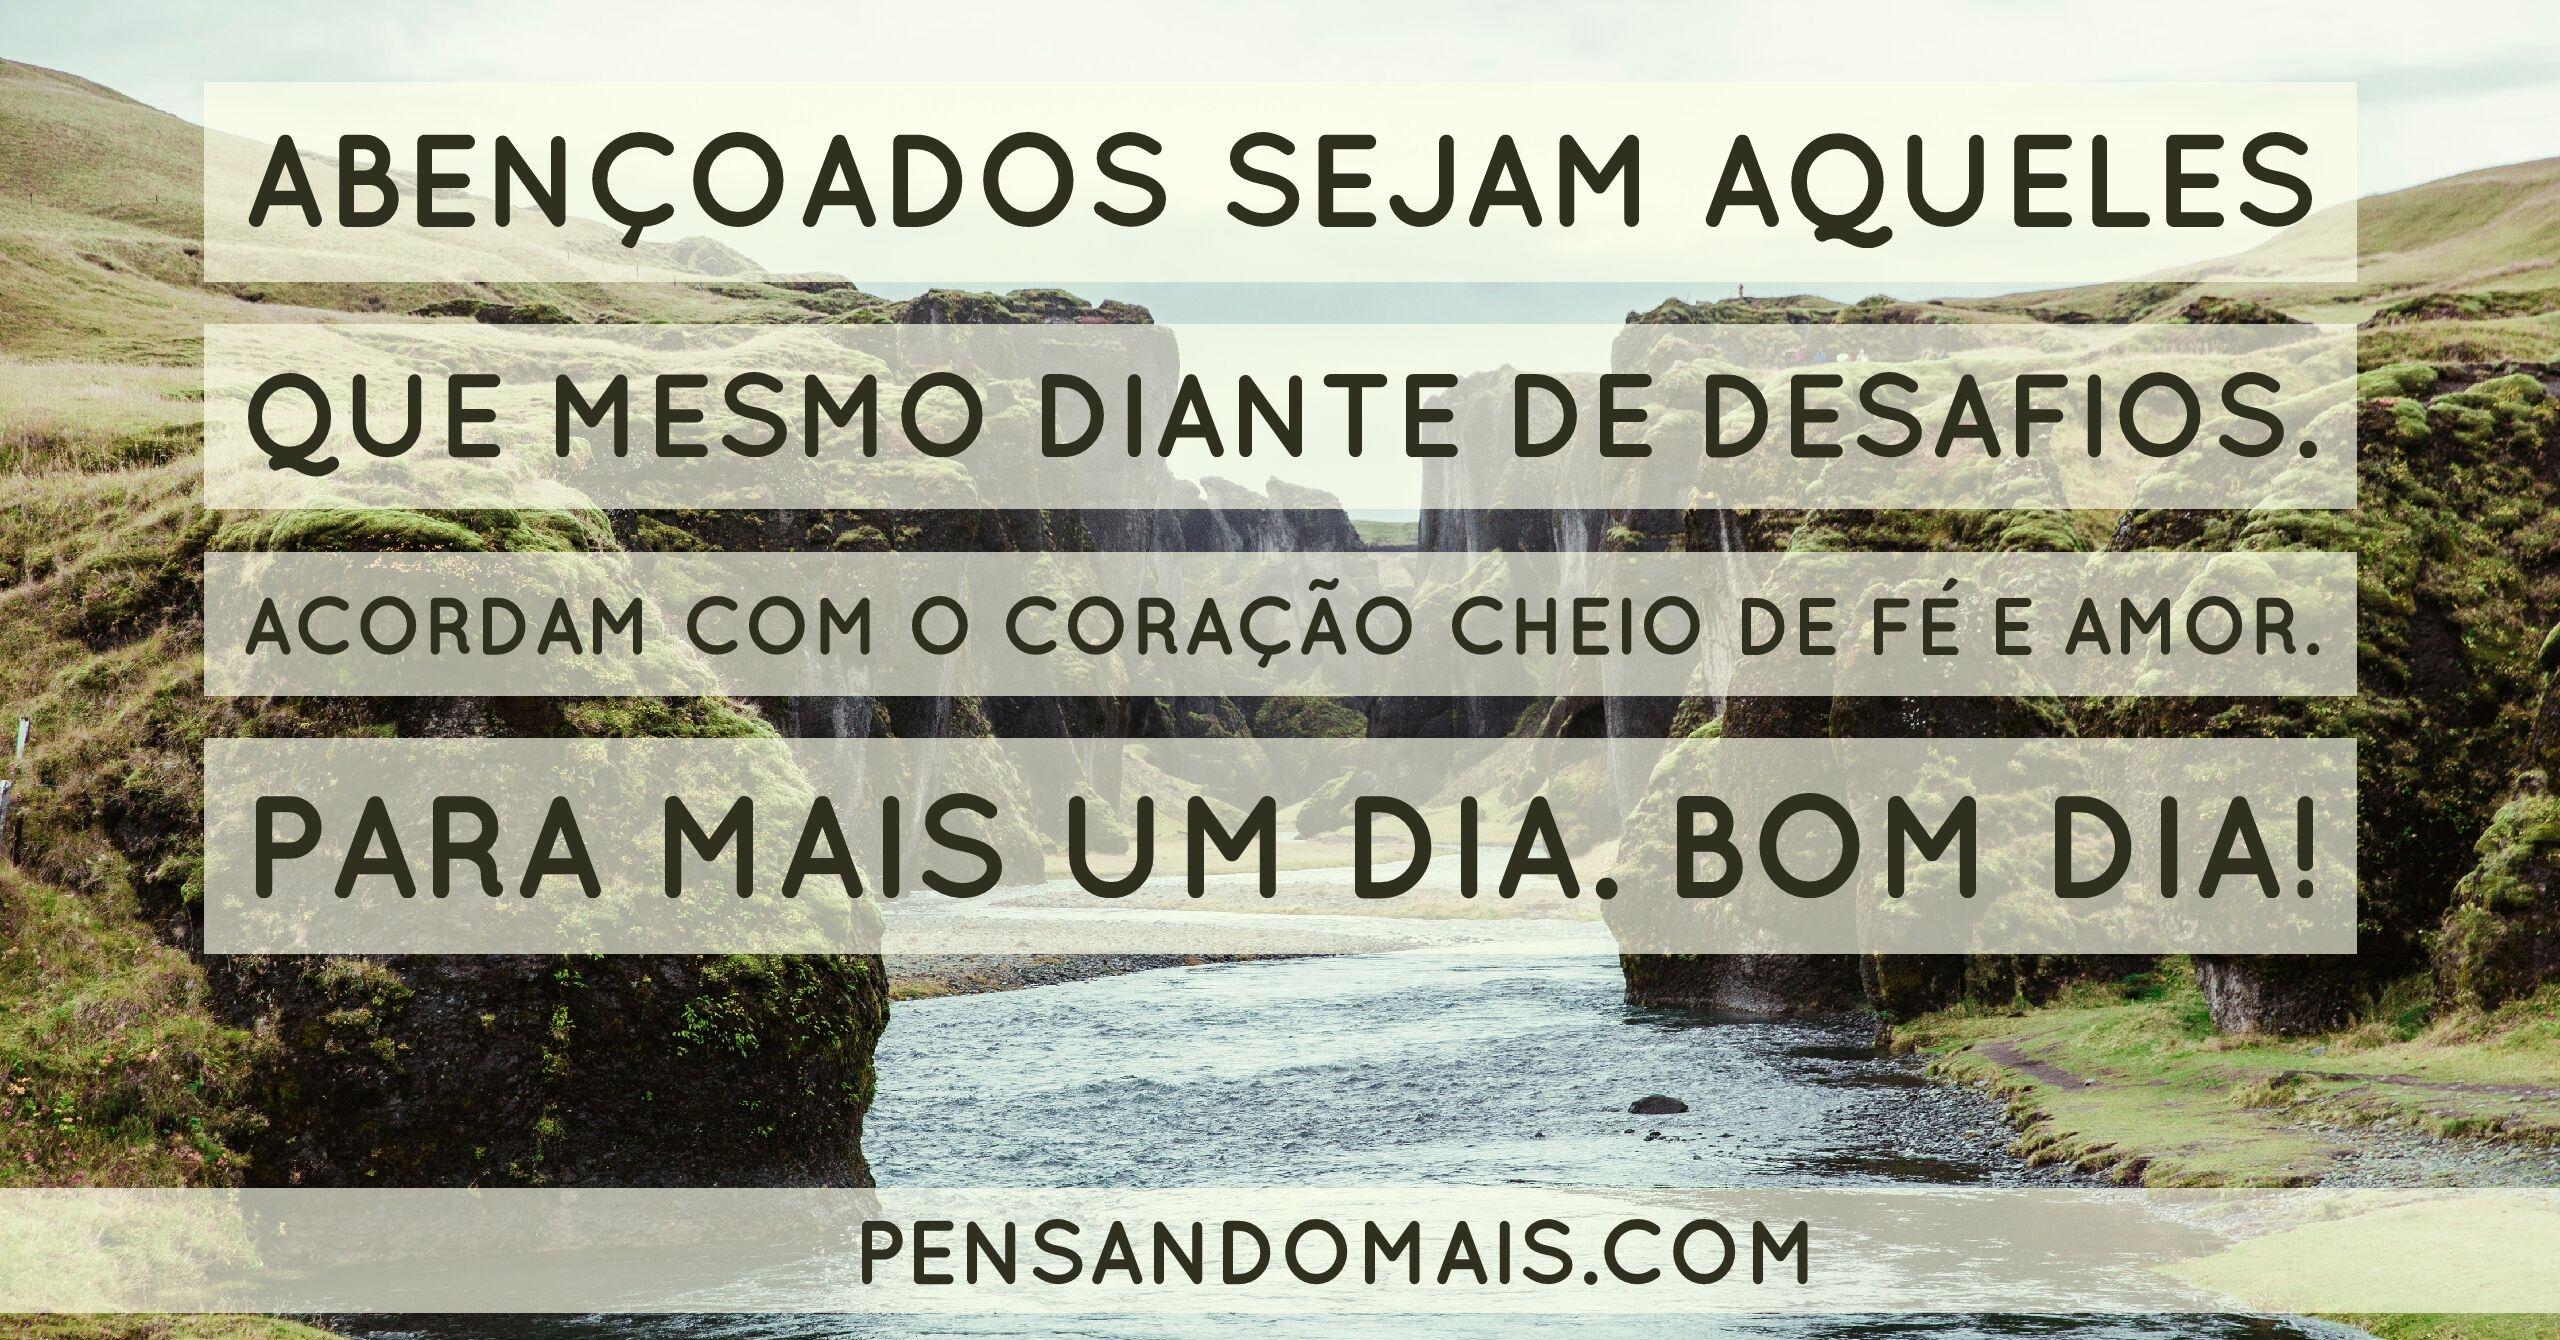 Frases Curtas De Bom Dia Fé E Amor